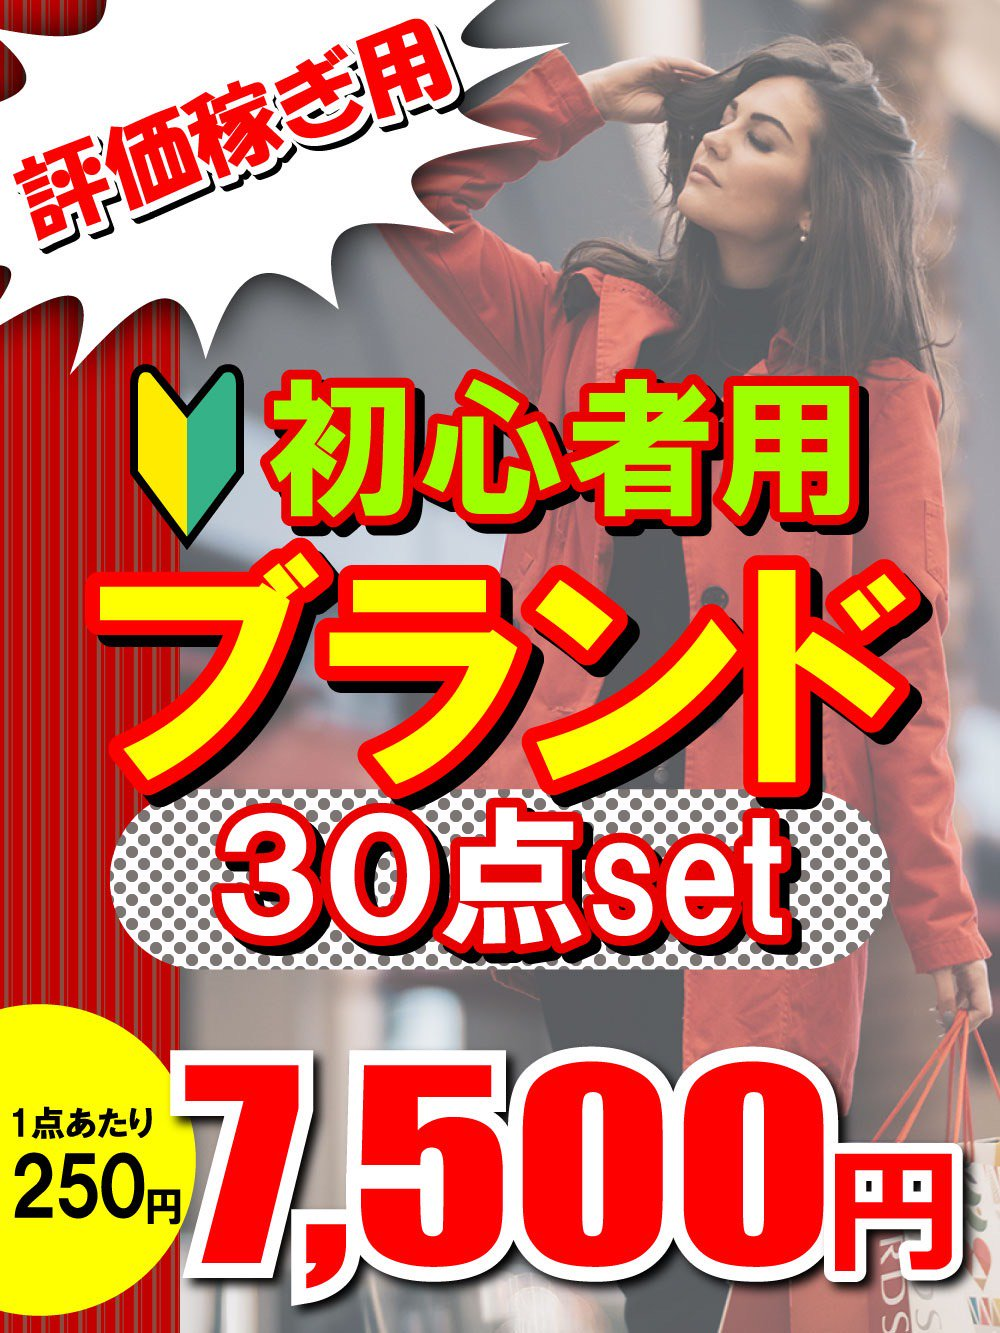 【評価稼ぎ用】初心者用ブランド30点セット@250